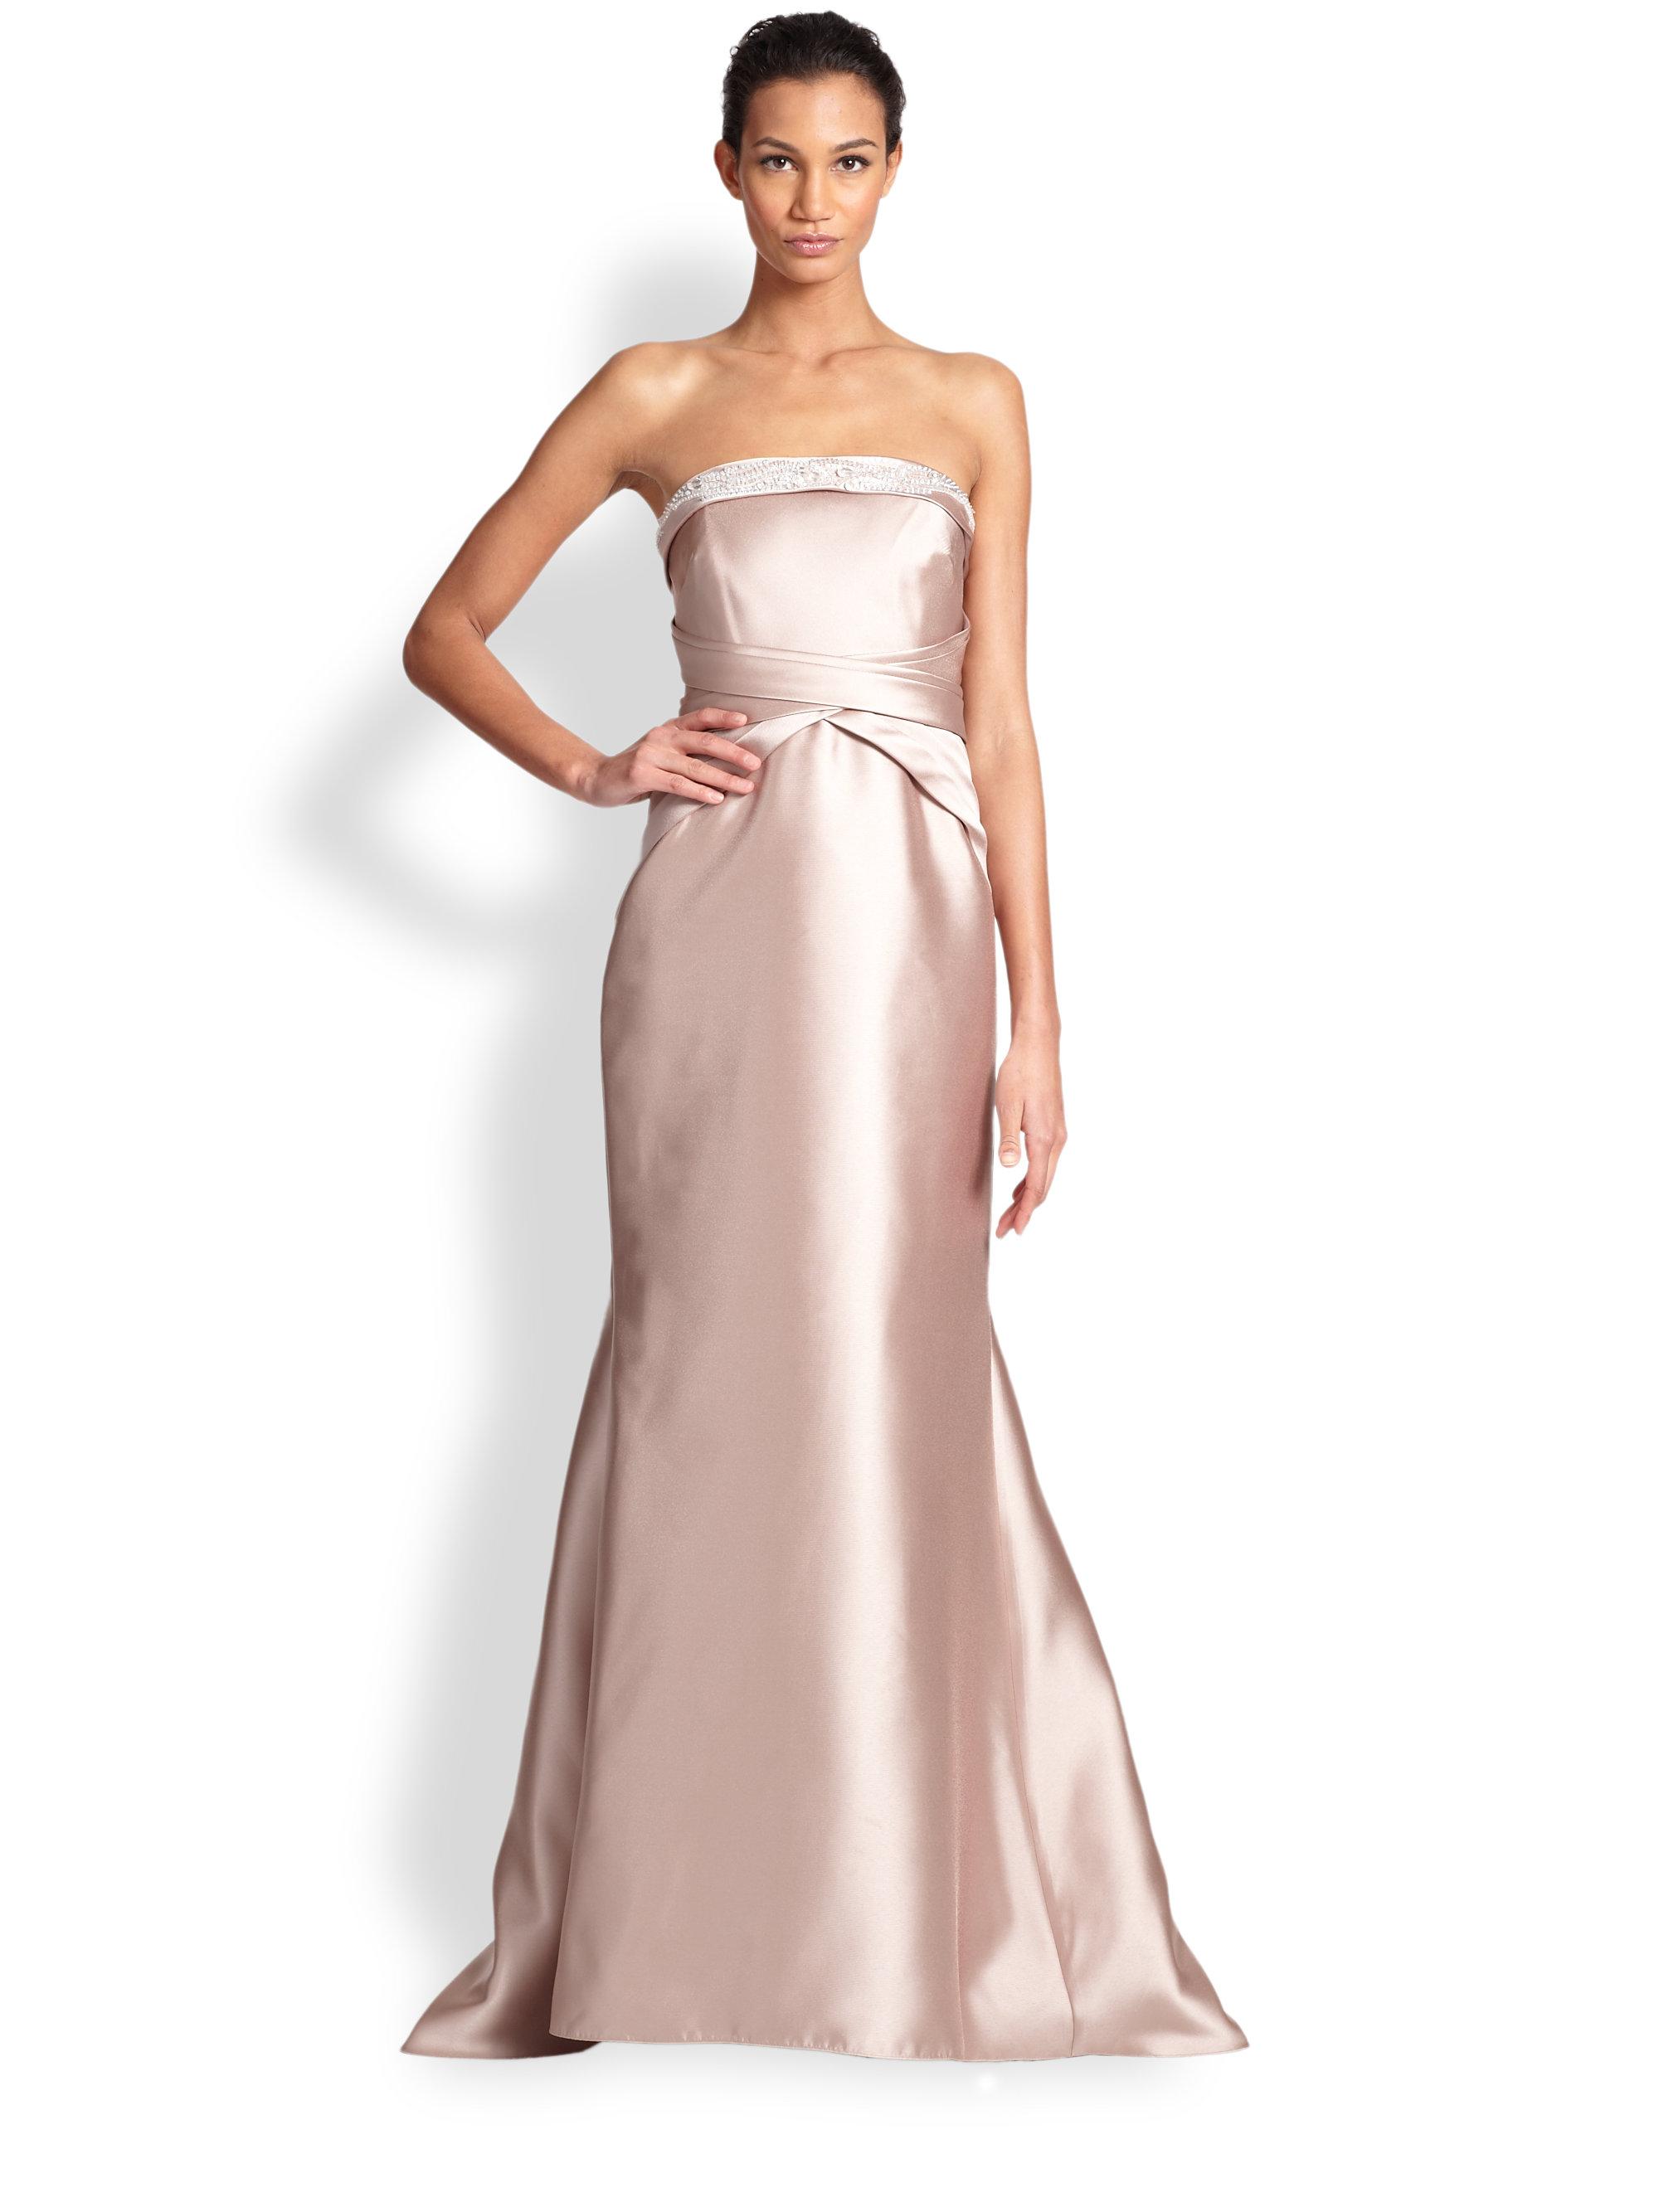 Lyst - Badgley Mischka Strapless Beaded-Trim Column Gown in Pink